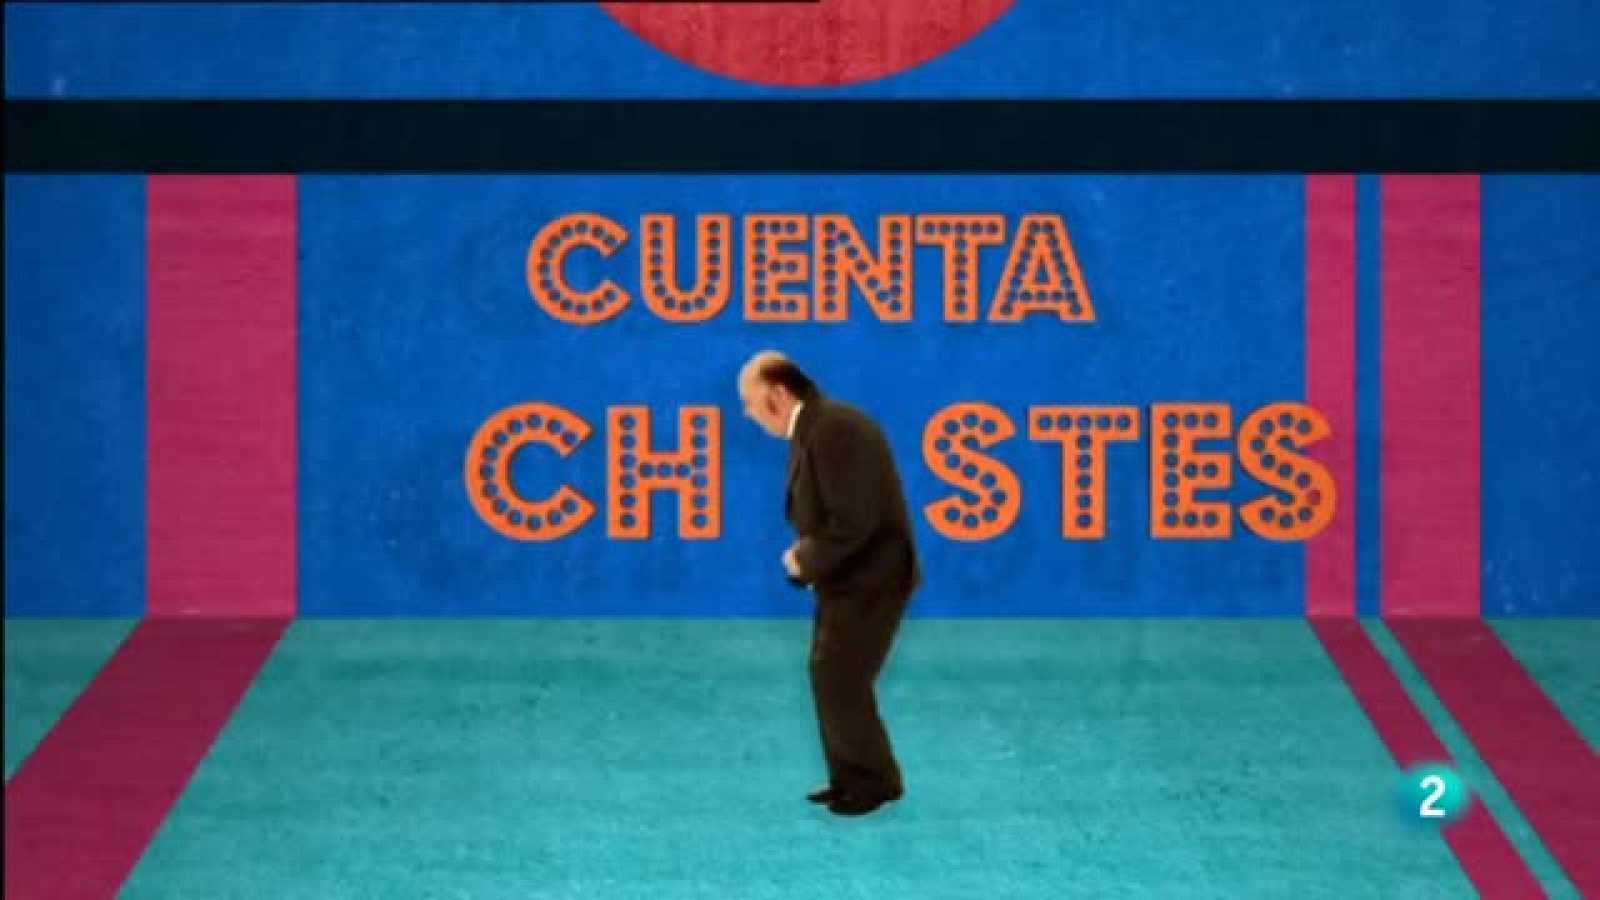 Cómo nos reímos - Cuentachistes - La linterna de Chiquito de la Calzada - Qué genial fue siempre Chiquito